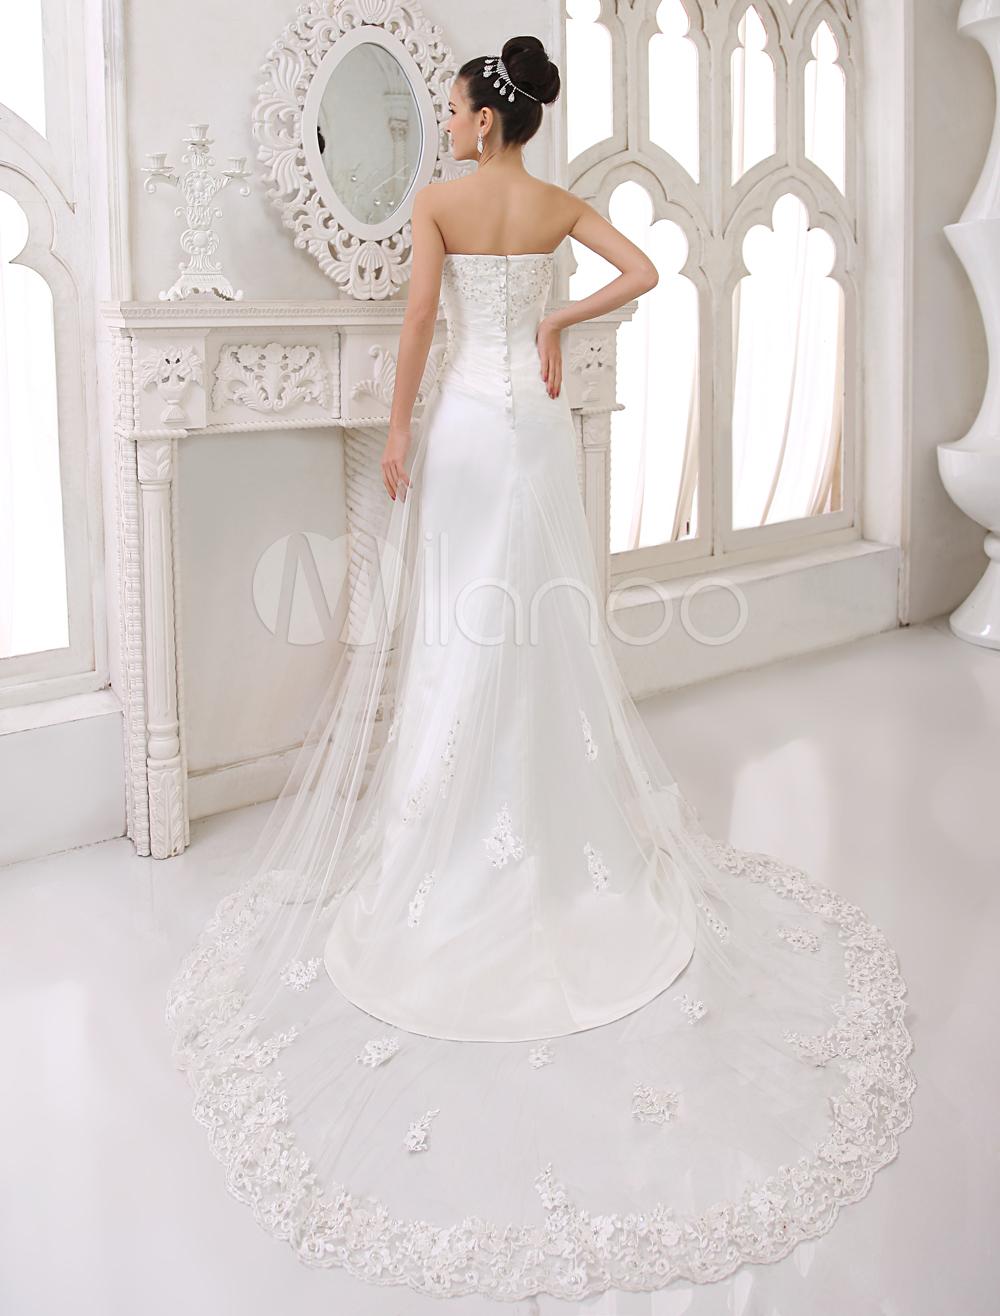 Robe de mariage foureau au perlage en satin avec des appliques en coeur